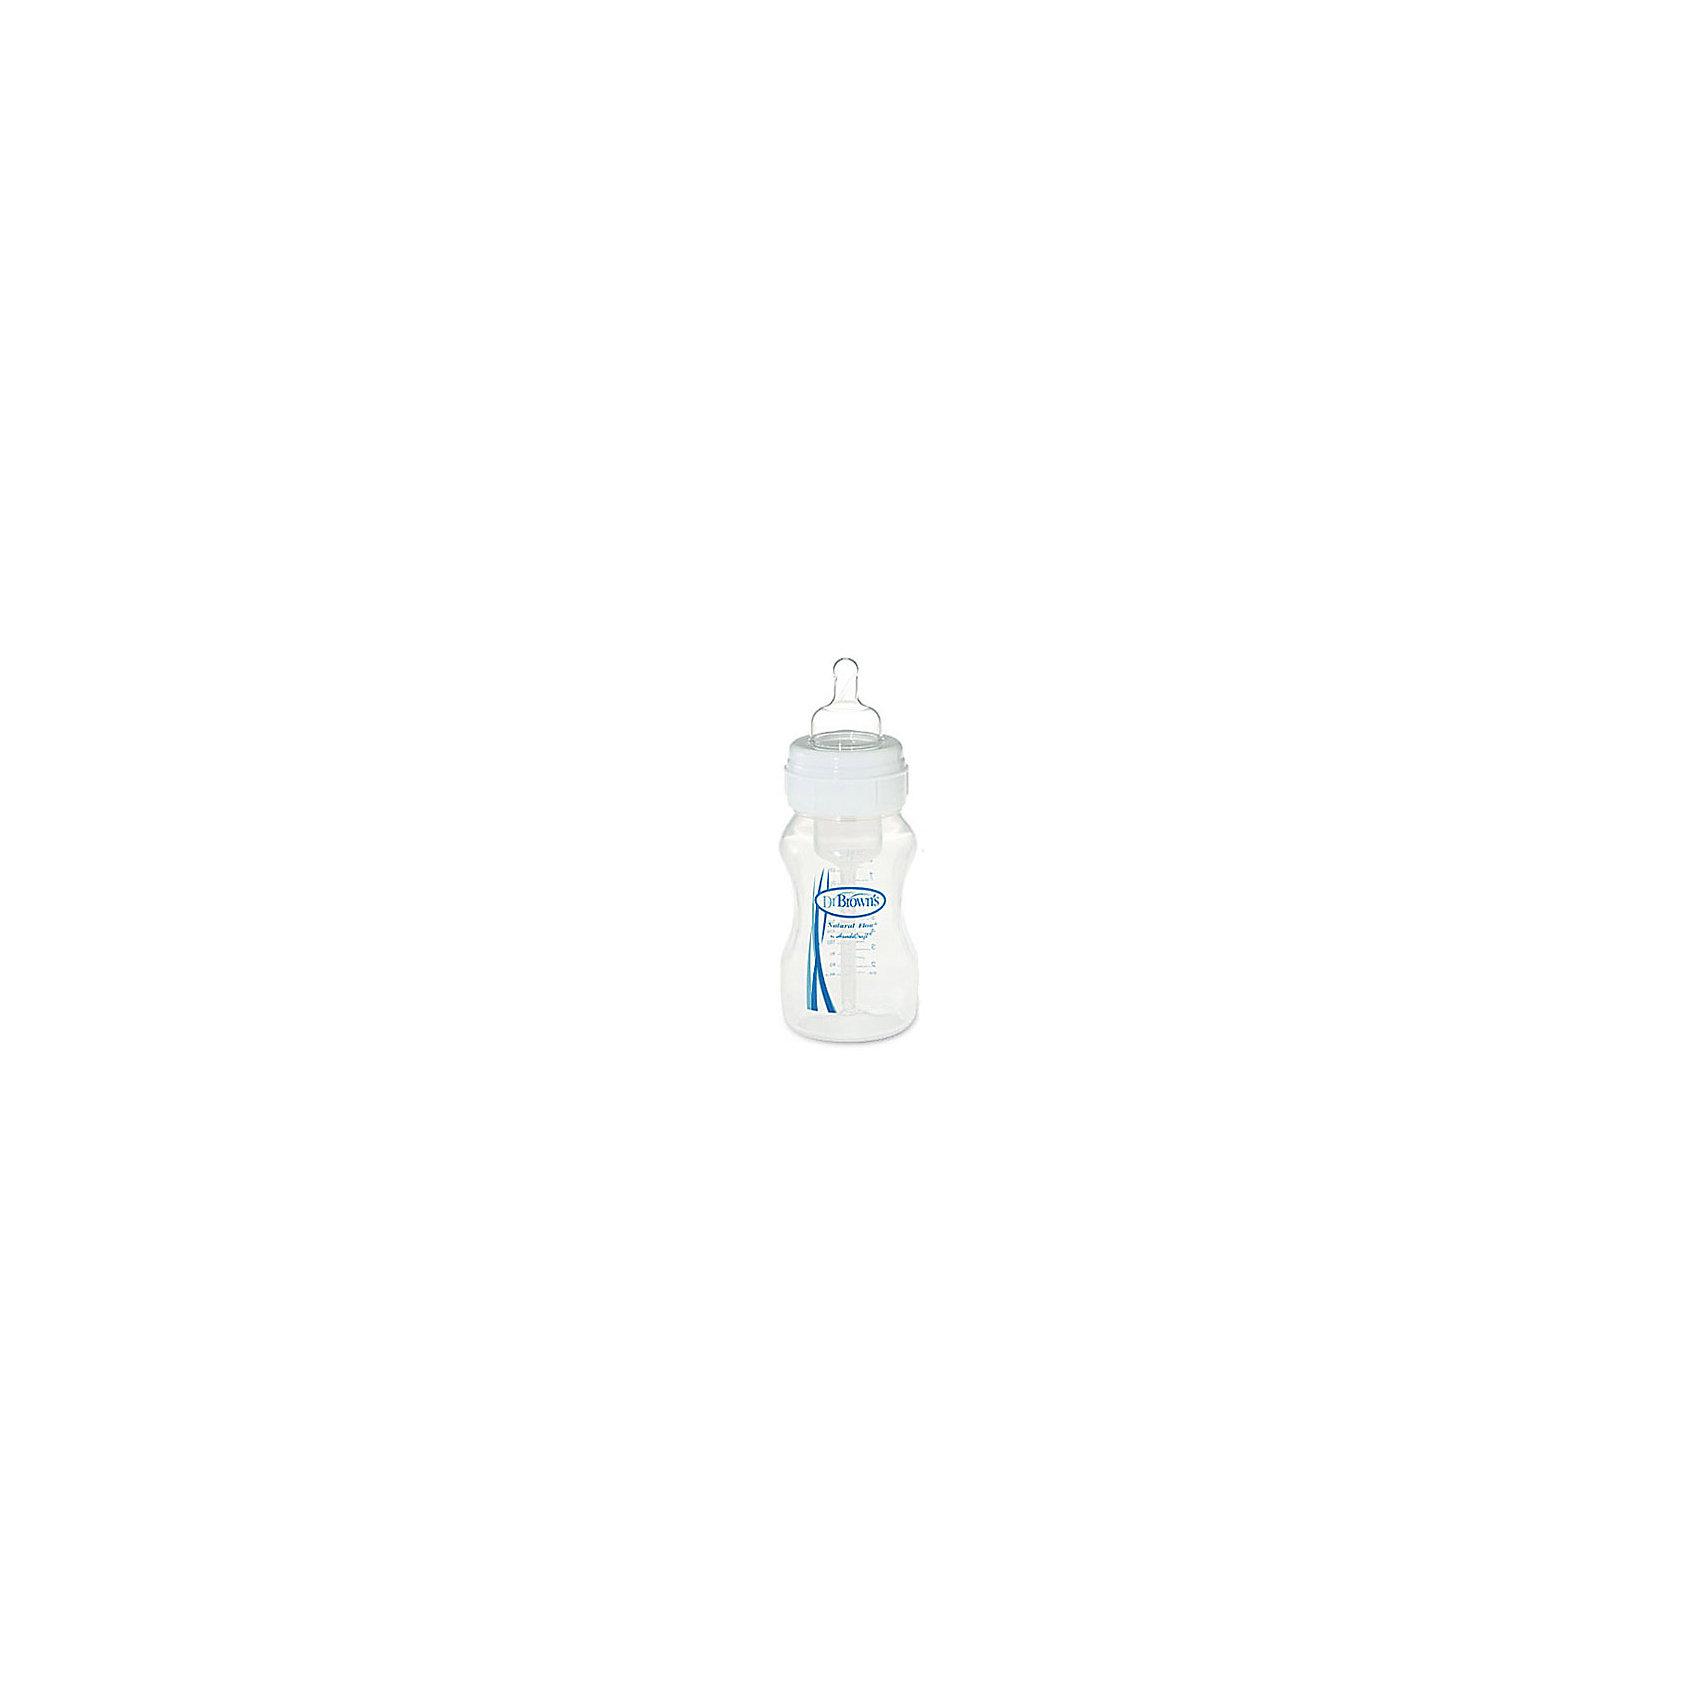 Бутылочка с широким горлышком 300 мл, полипропилен, Dr. BrownБутылочка для кормления малыша с широким горлышком, создает условия, аналогичные кормлению грудью. Бутылочка прекрасно подойдет для смешенного и искусственного вскармливания, а уникальная вентиляционная система сведет к минимуму контакт воздуха с грудным молоком, сохраняя такие важные питательные вещества как витамины С, А и Е.<br><br>Дополнительная информация:<br><br>- Возраст: от 3 месяцев.<br>- 1 бутылочка.<br>- 1 соска .<br>- Ёршик для чистки вентиляционной системы.<br>- Объем: 300 мл.<br>- Материал: полипропилен, силикон.<br><br>Купить бутылочку с широким горлышком 300 мл., от Dr. Brown, можно в нашем магазине.<br><br>Ширина мм: 75<br>Глубина мм: 75<br>Высота мм: 227<br>Вес г: 163<br>Возраст от месяцев: -2147483648<br>Возраст до месяцев: 2147483647<br>Пол: Унисекс<br>Возраст: Детский<br>SKU: 4796743